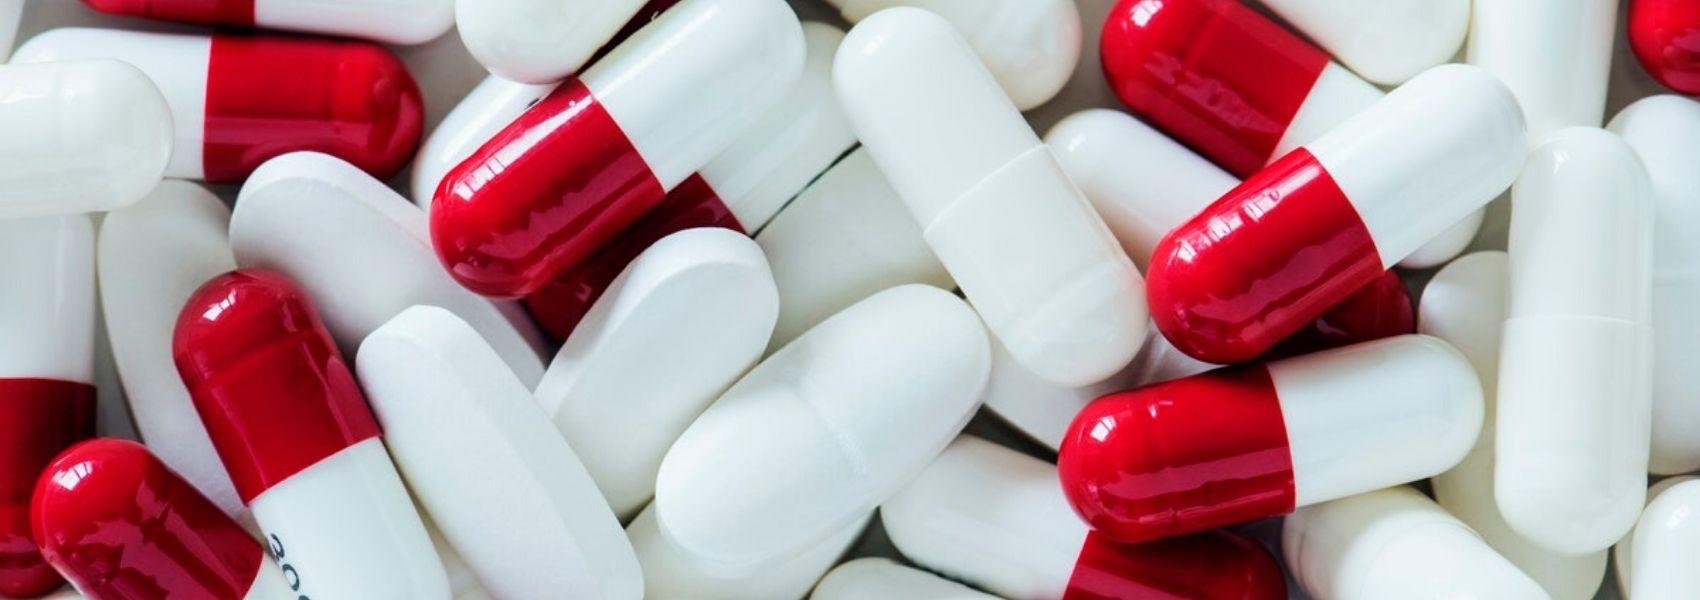 medicamentos inovadores